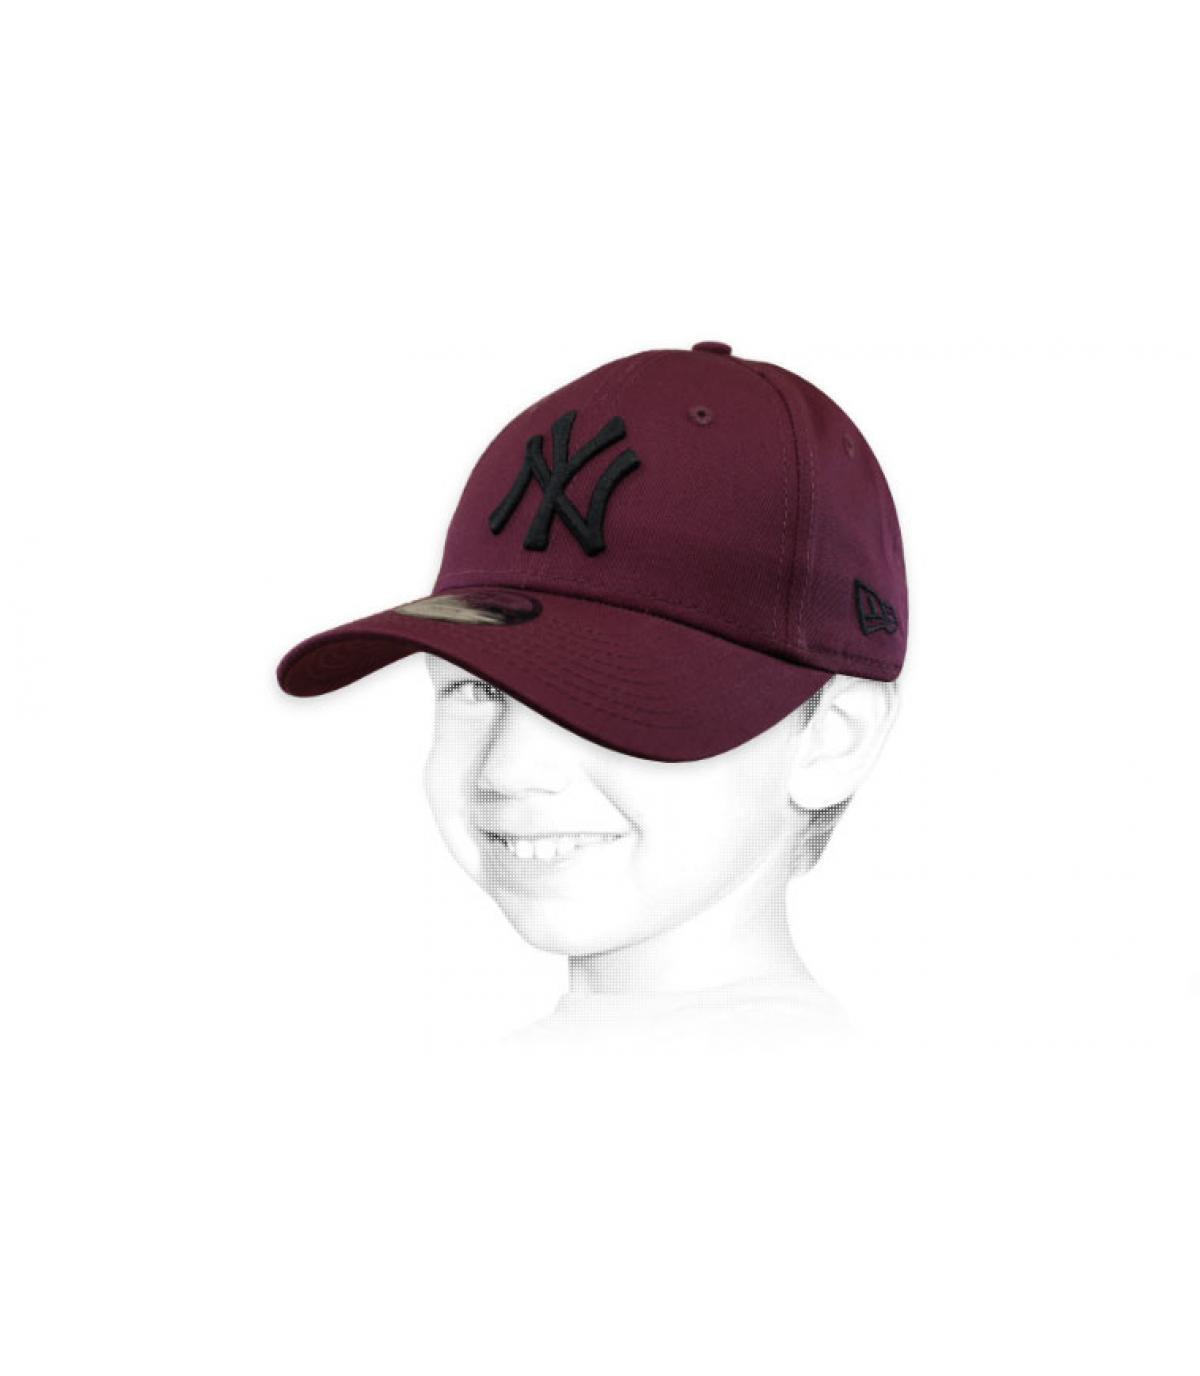 casquette enfant NY bordeaux